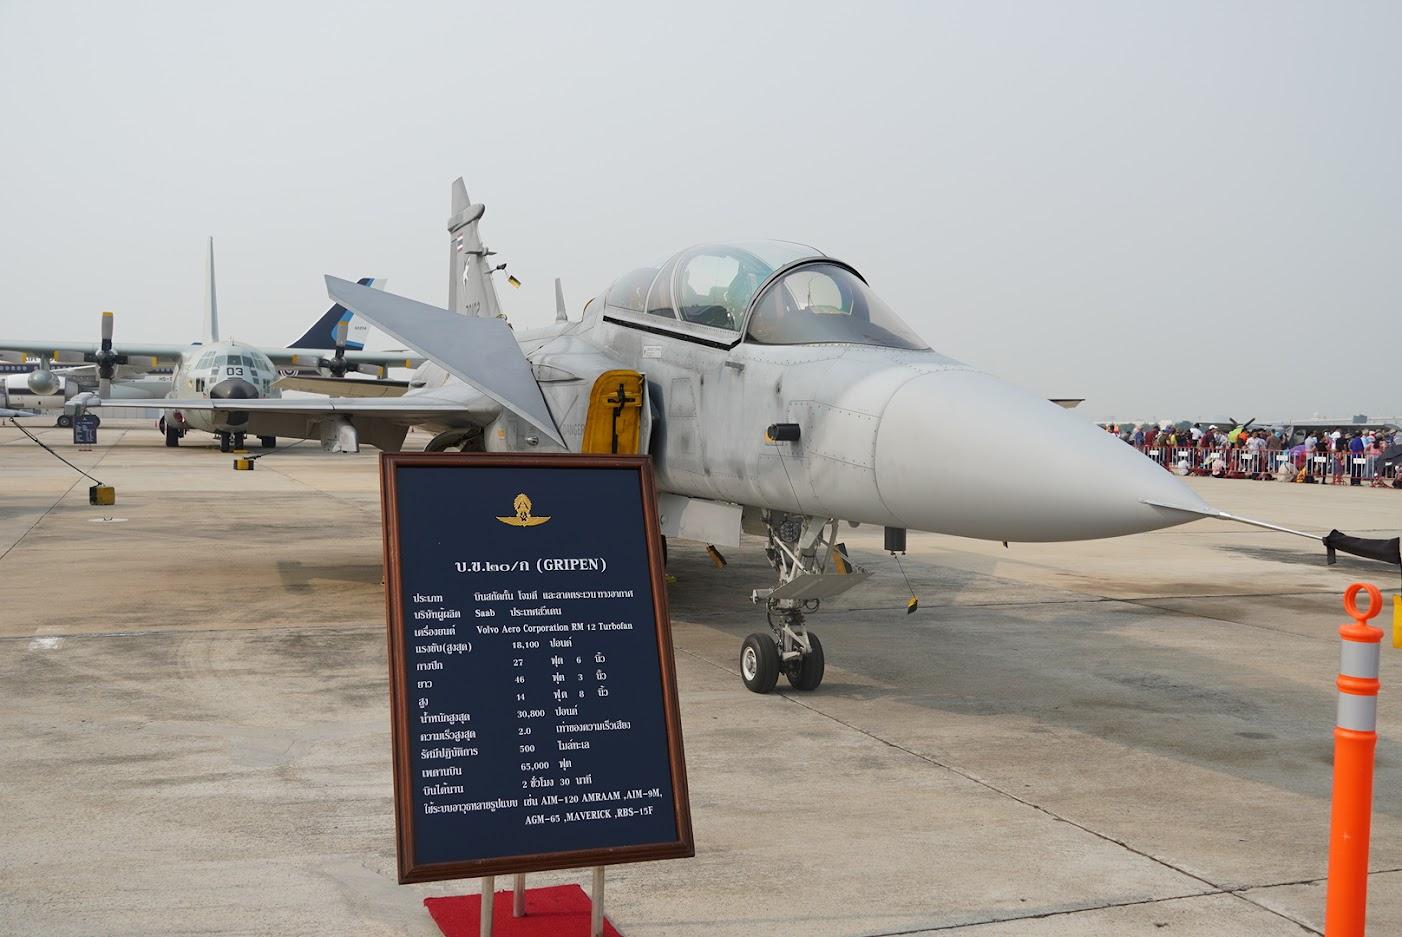 ドンムアン空港の航空ショーと、もうすぐ開業するBTSの延伸区間